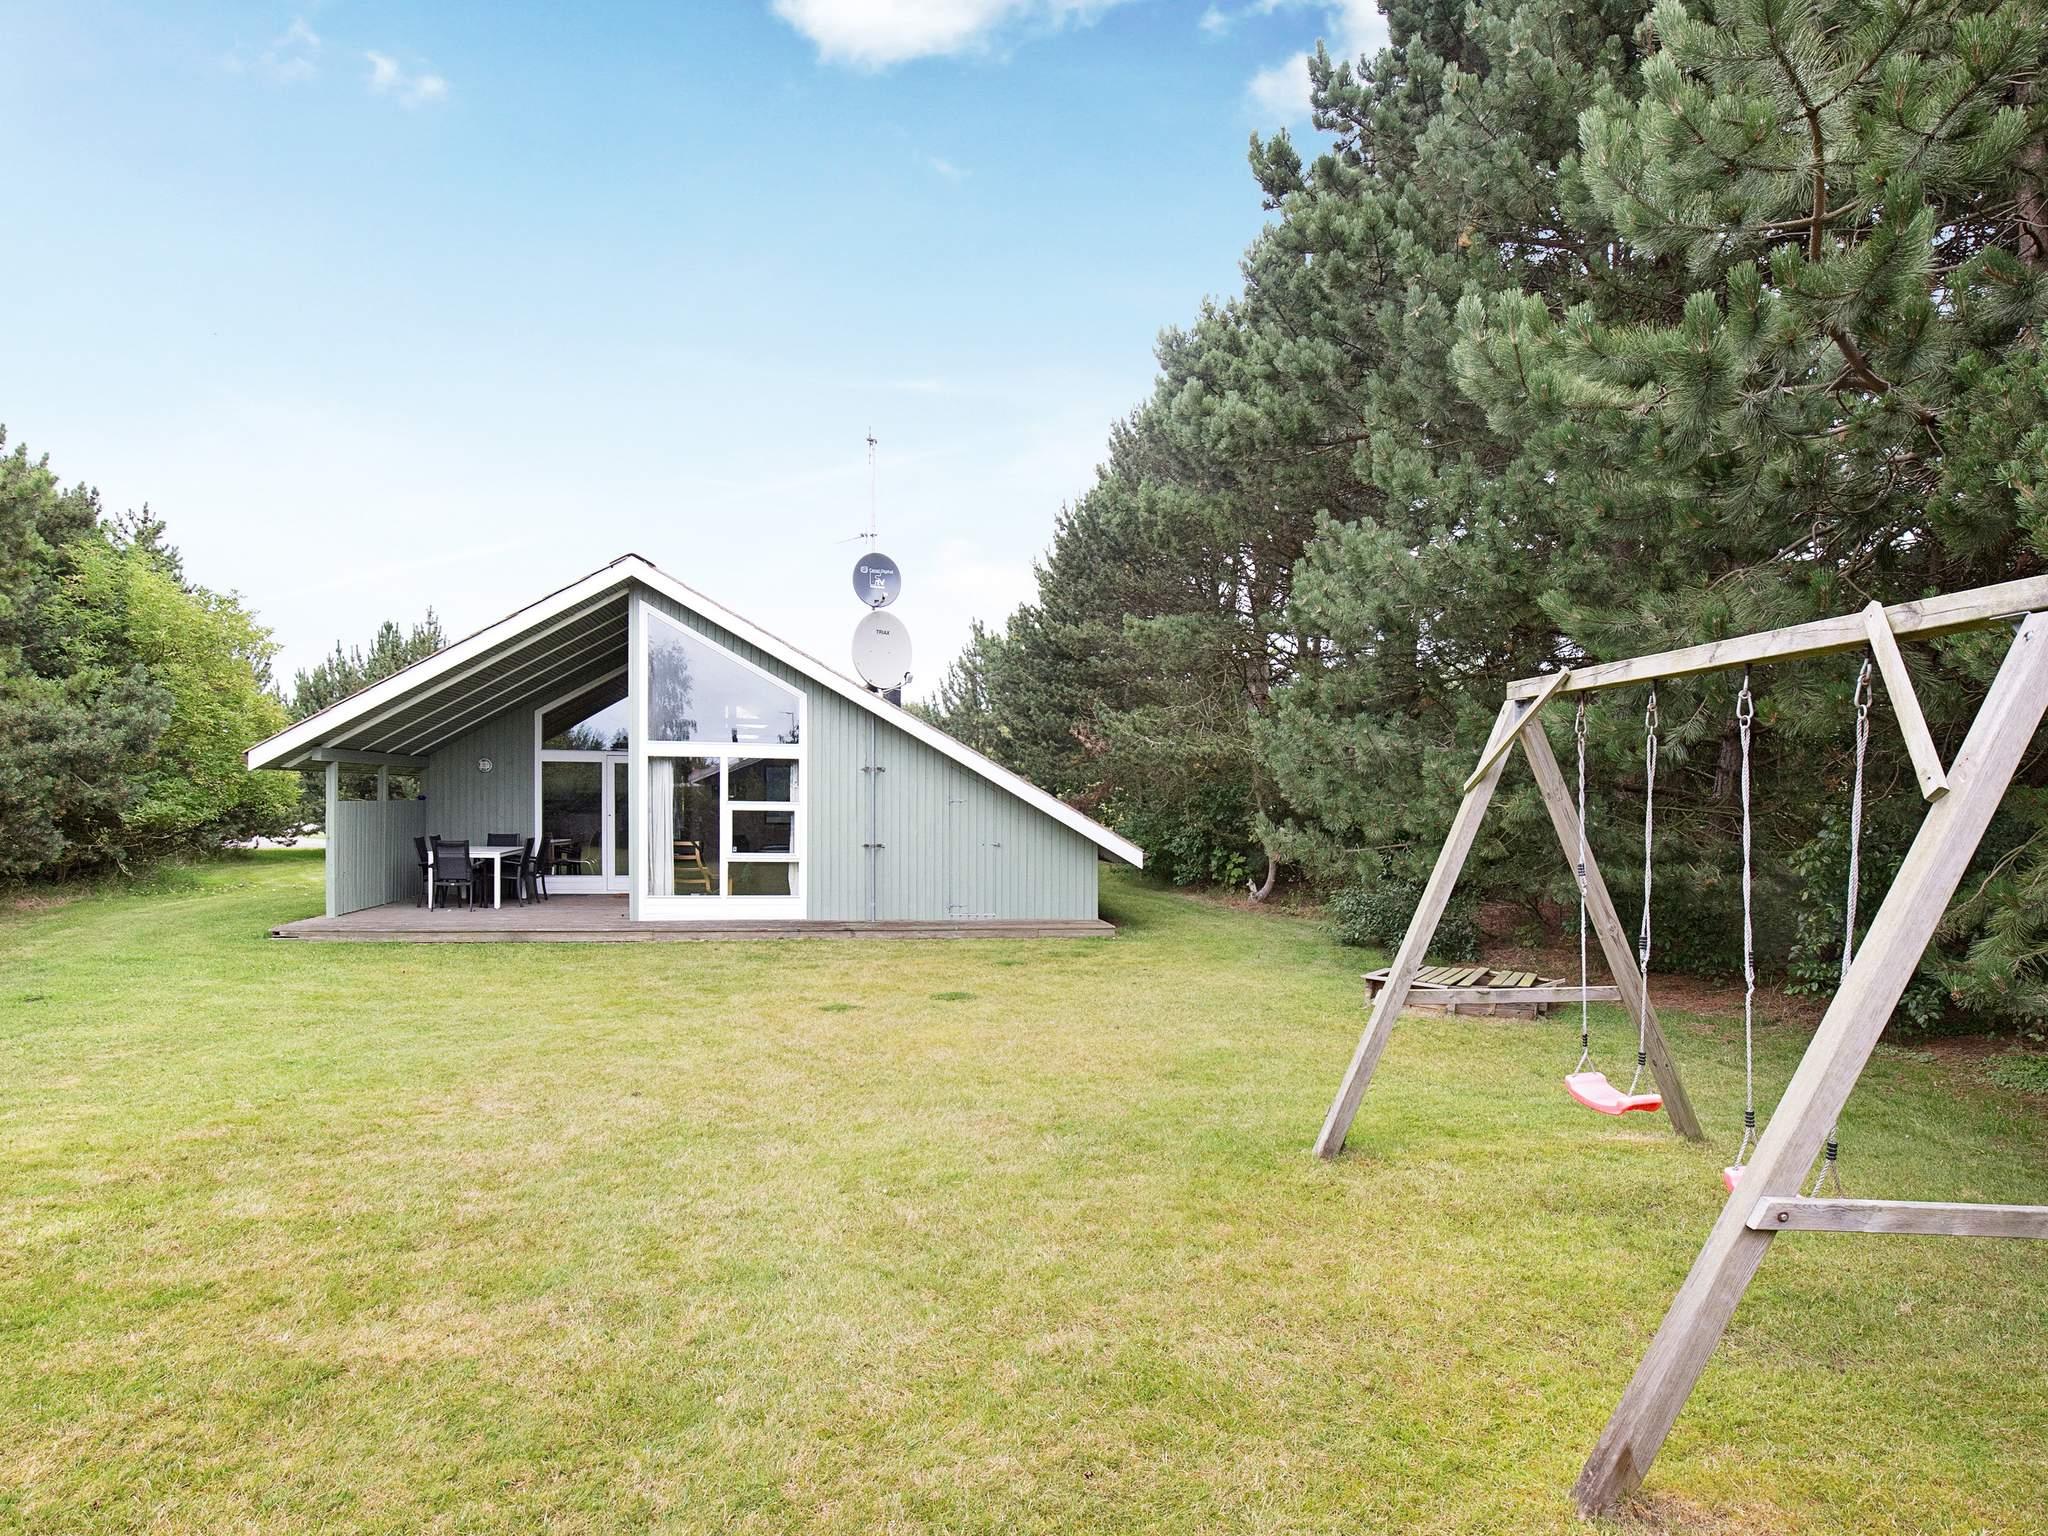 Ferienhaus Hummingen (84295), Hummingen, , Lolland, Dänemark, Bild 30